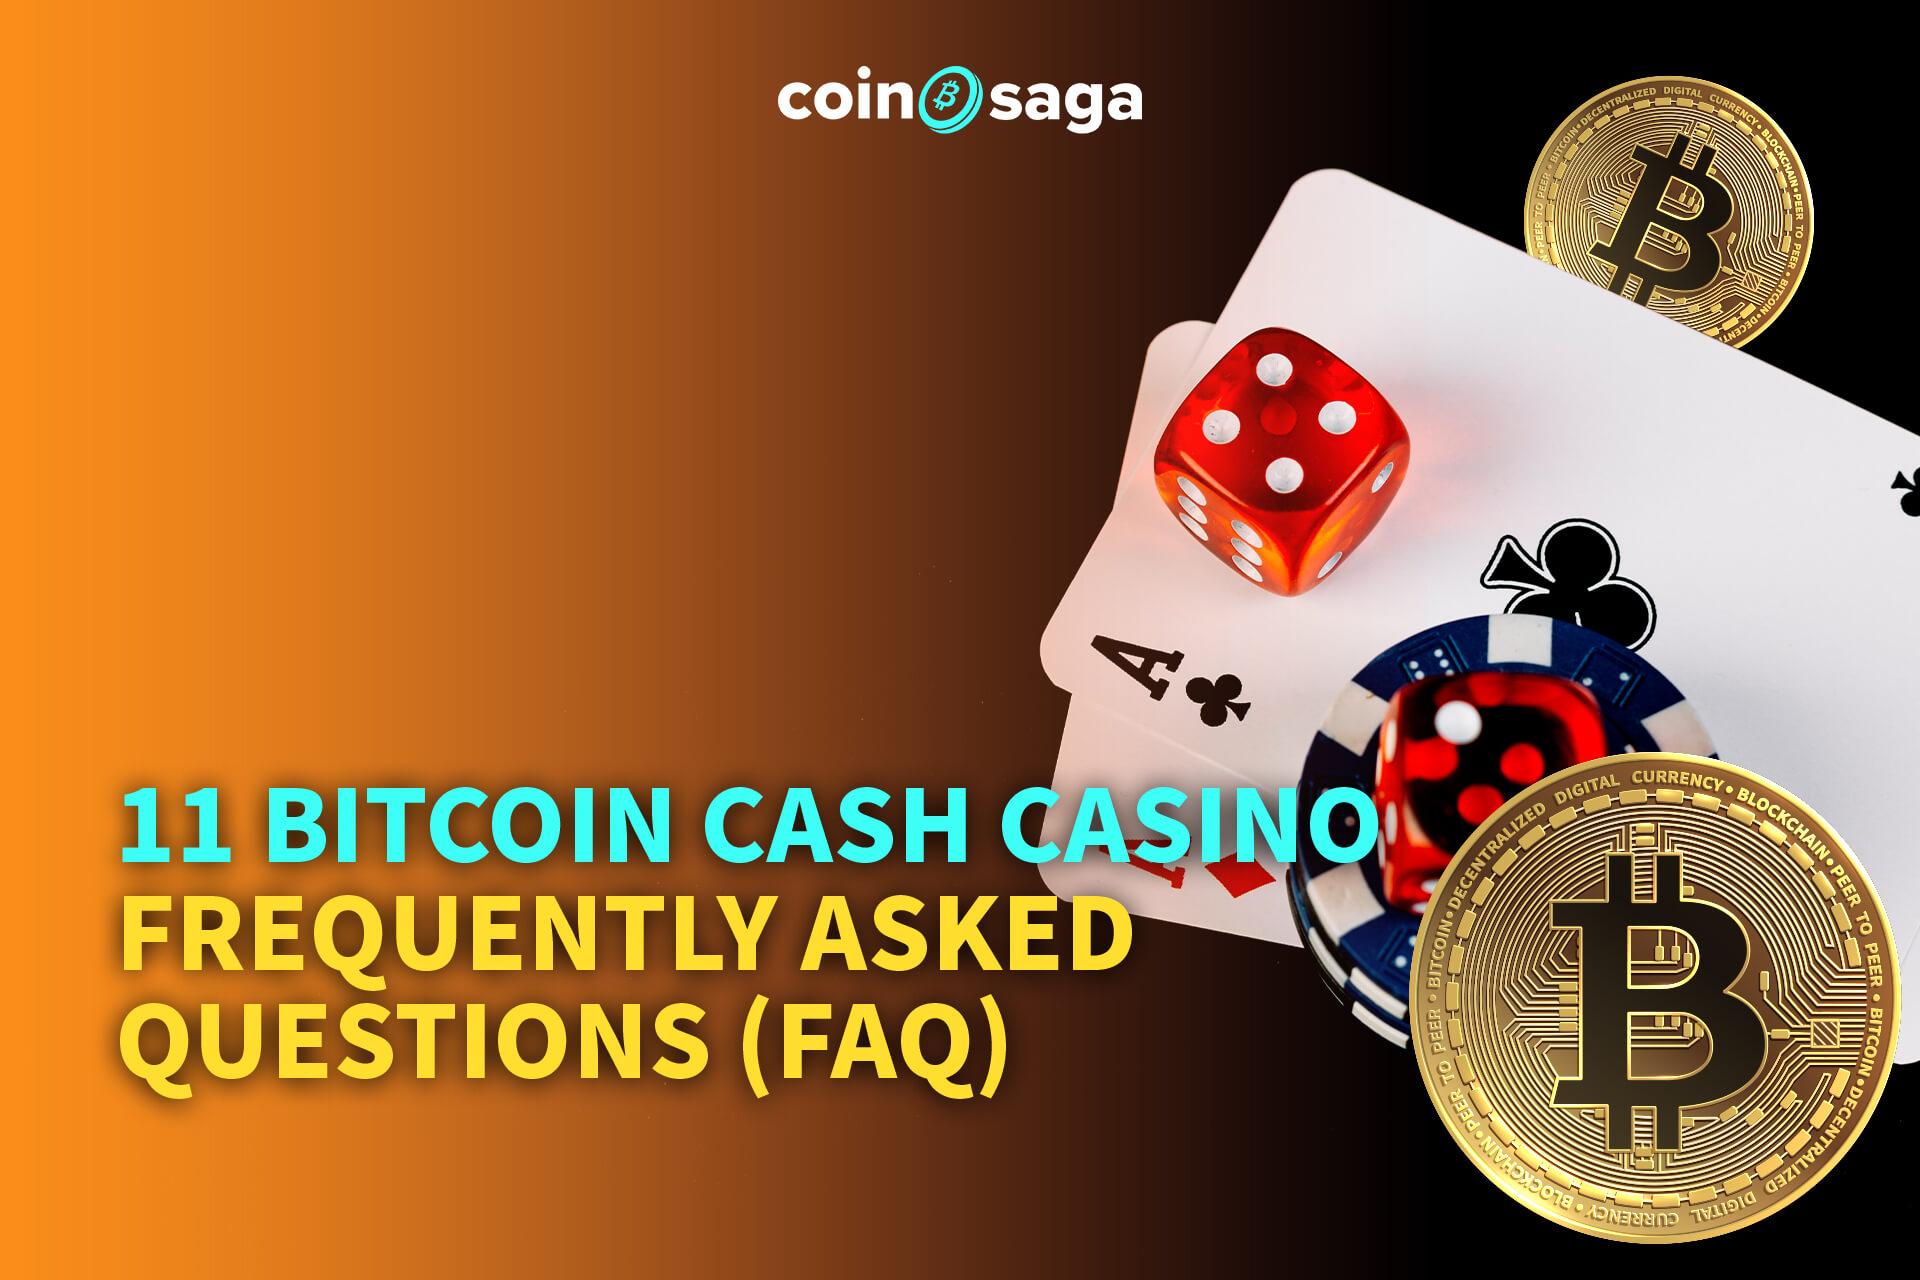 bitcoin cash casino faq